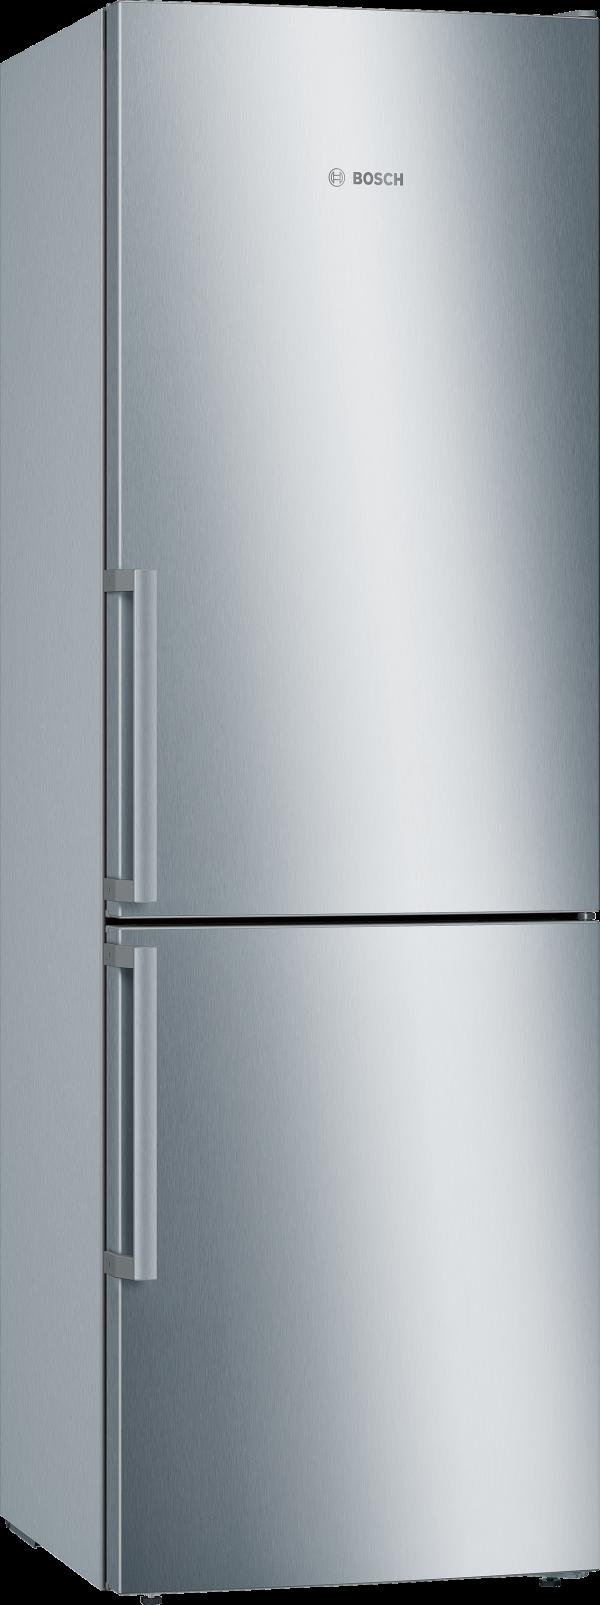 Bosch KGE36EI4P Koel/vriescombinatie